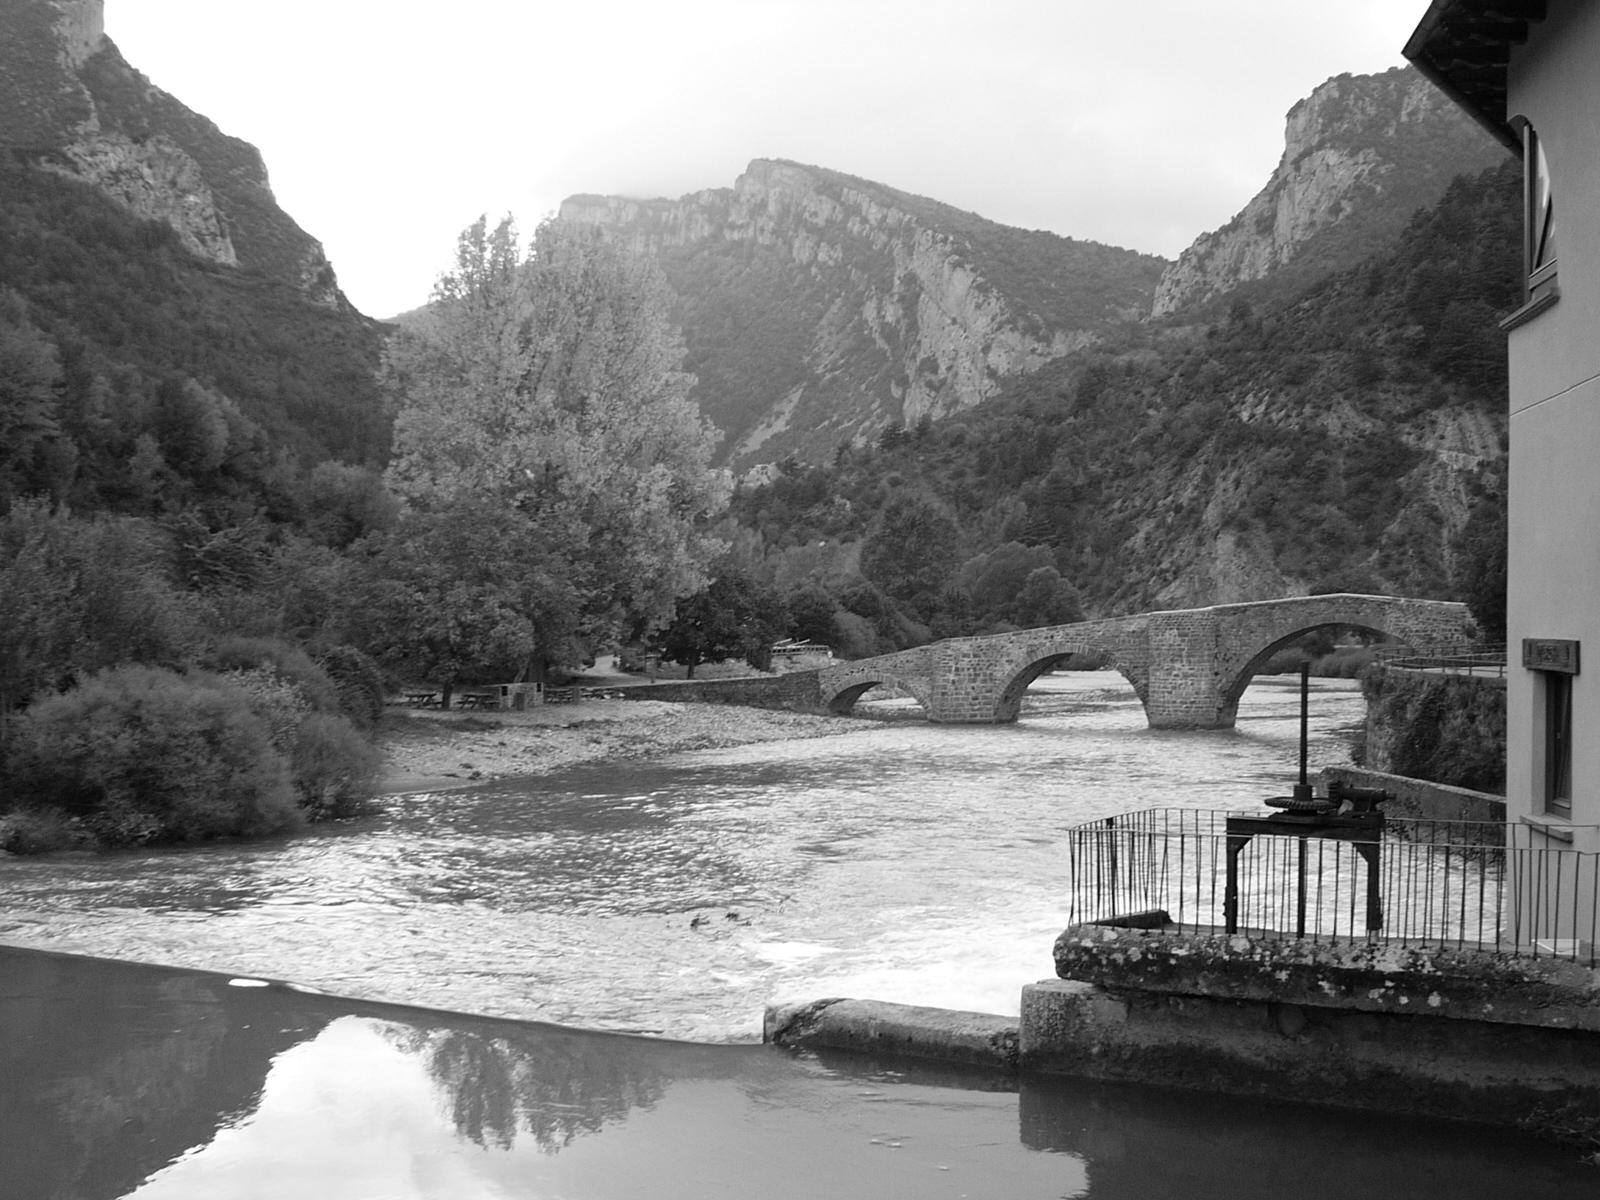 Burgui,13-10-03 (1)